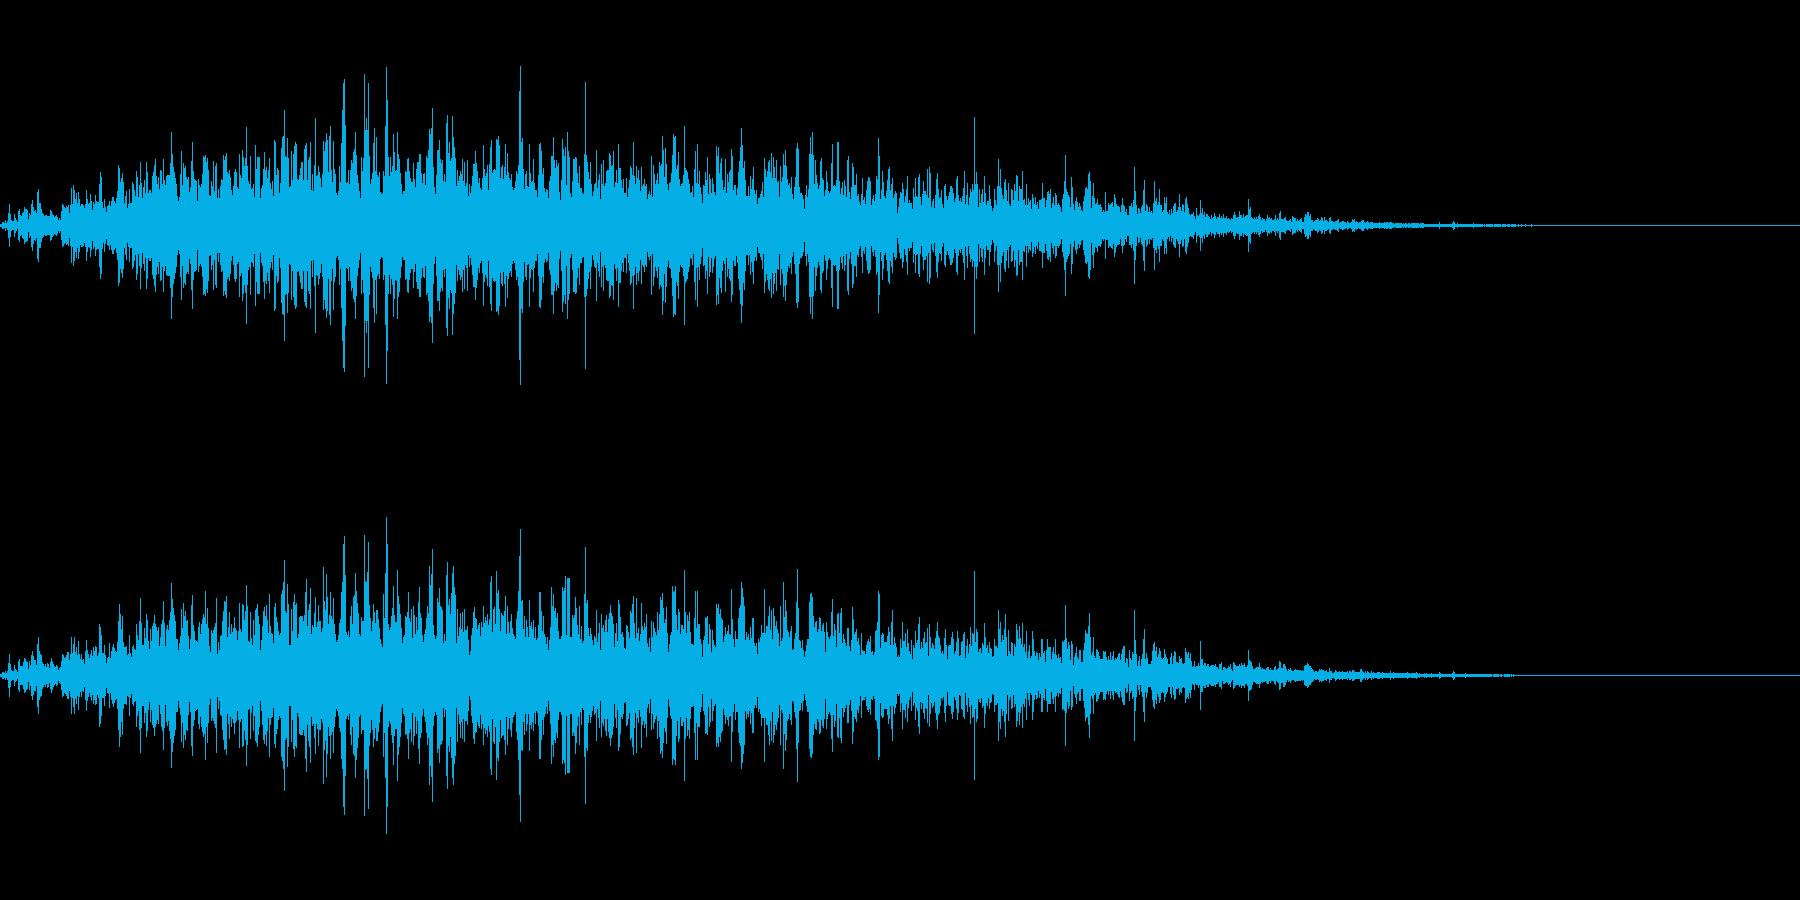 リバーブつき神楽鈴(小)のクレッシェンドの再生済みの波形